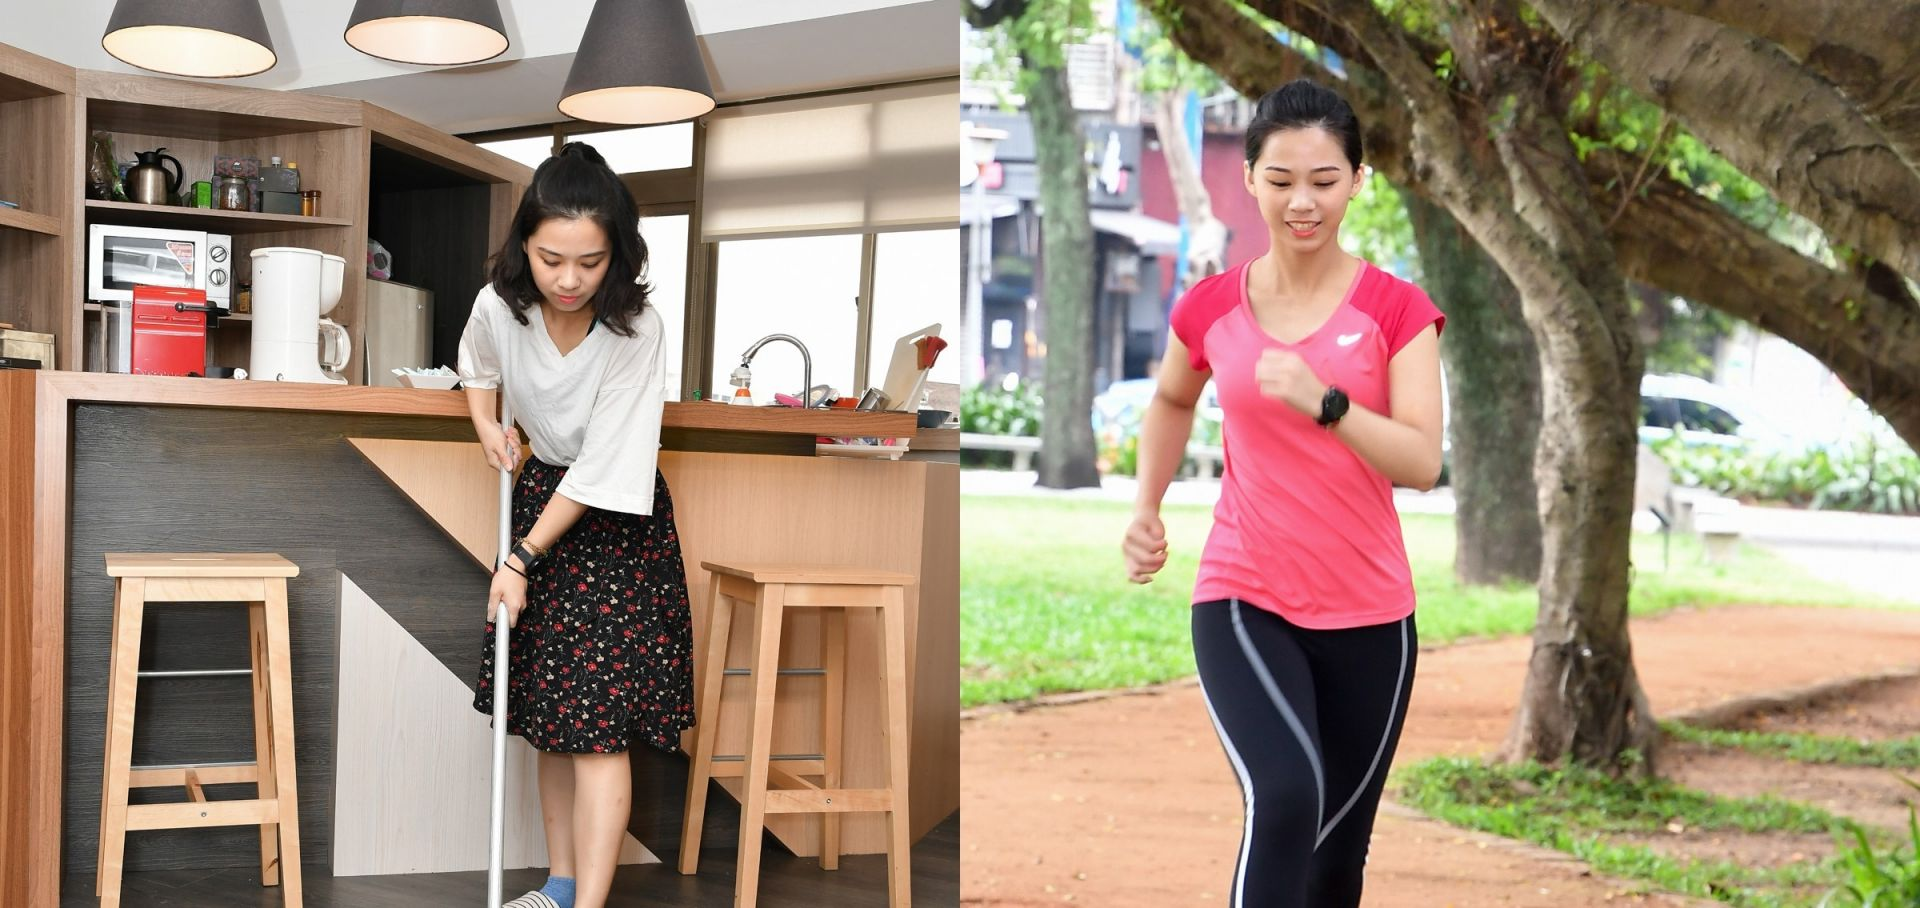 遛狗、逛街、做家事!用日常微運動告別腰內肉危機